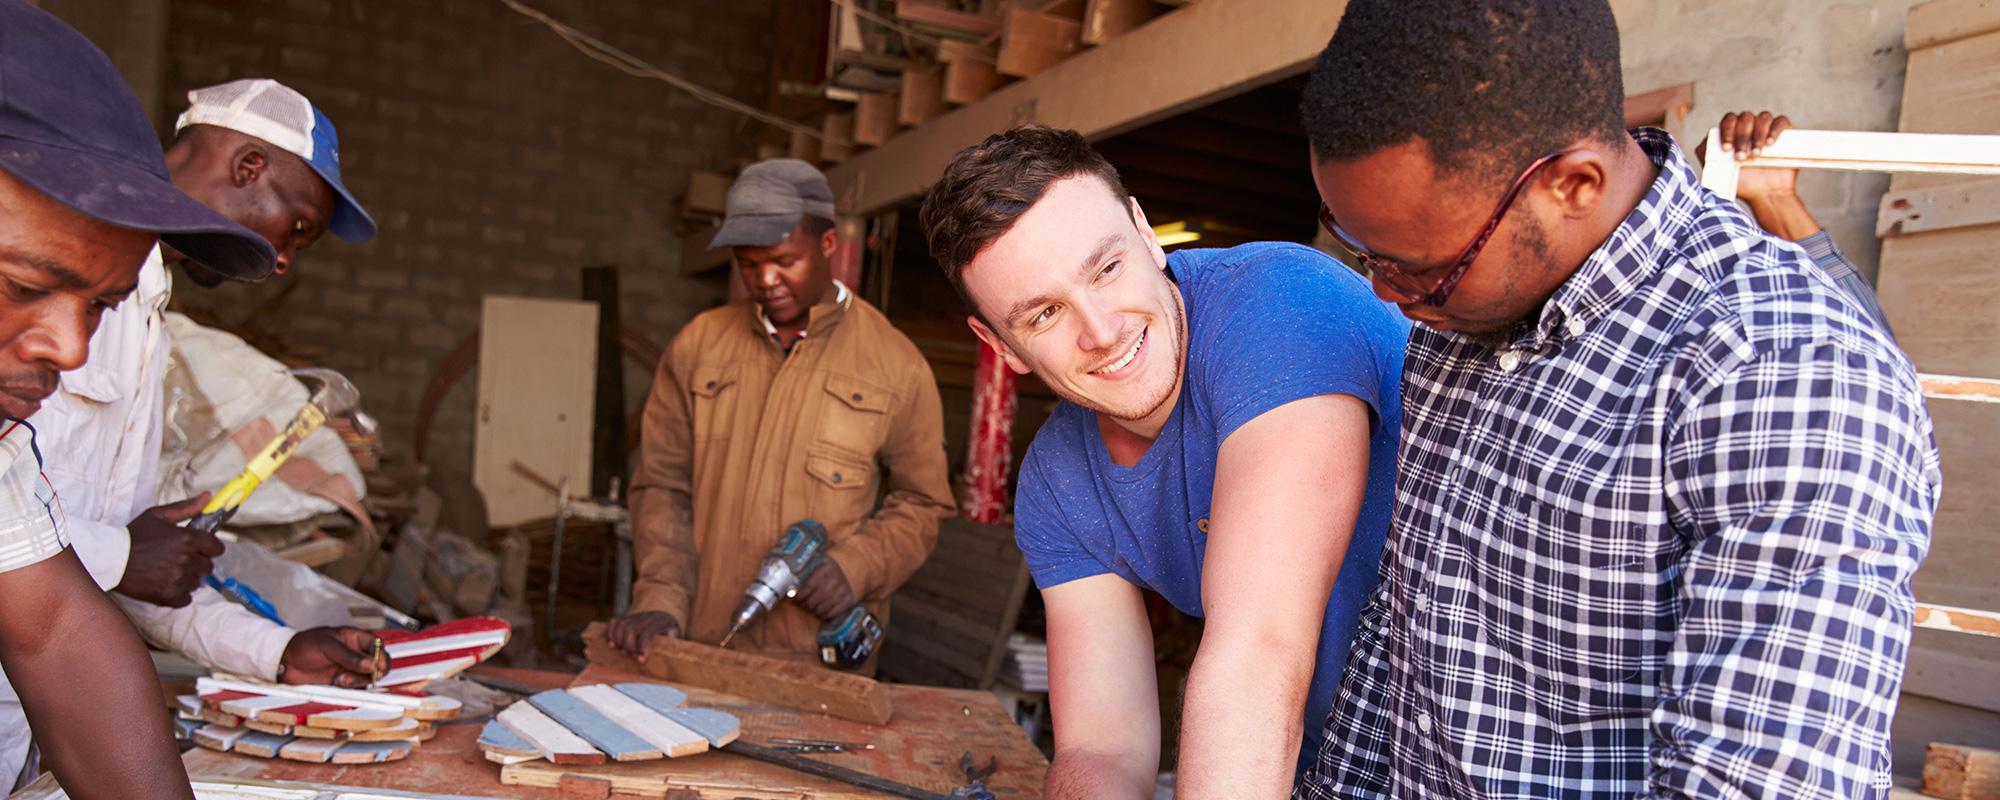 4 dunkelhäutige Menschen arbeiten mit einem hellheutigen jungen Mann in einer Werkstatt. Sie haben Herzen aus Holz gefertigt.